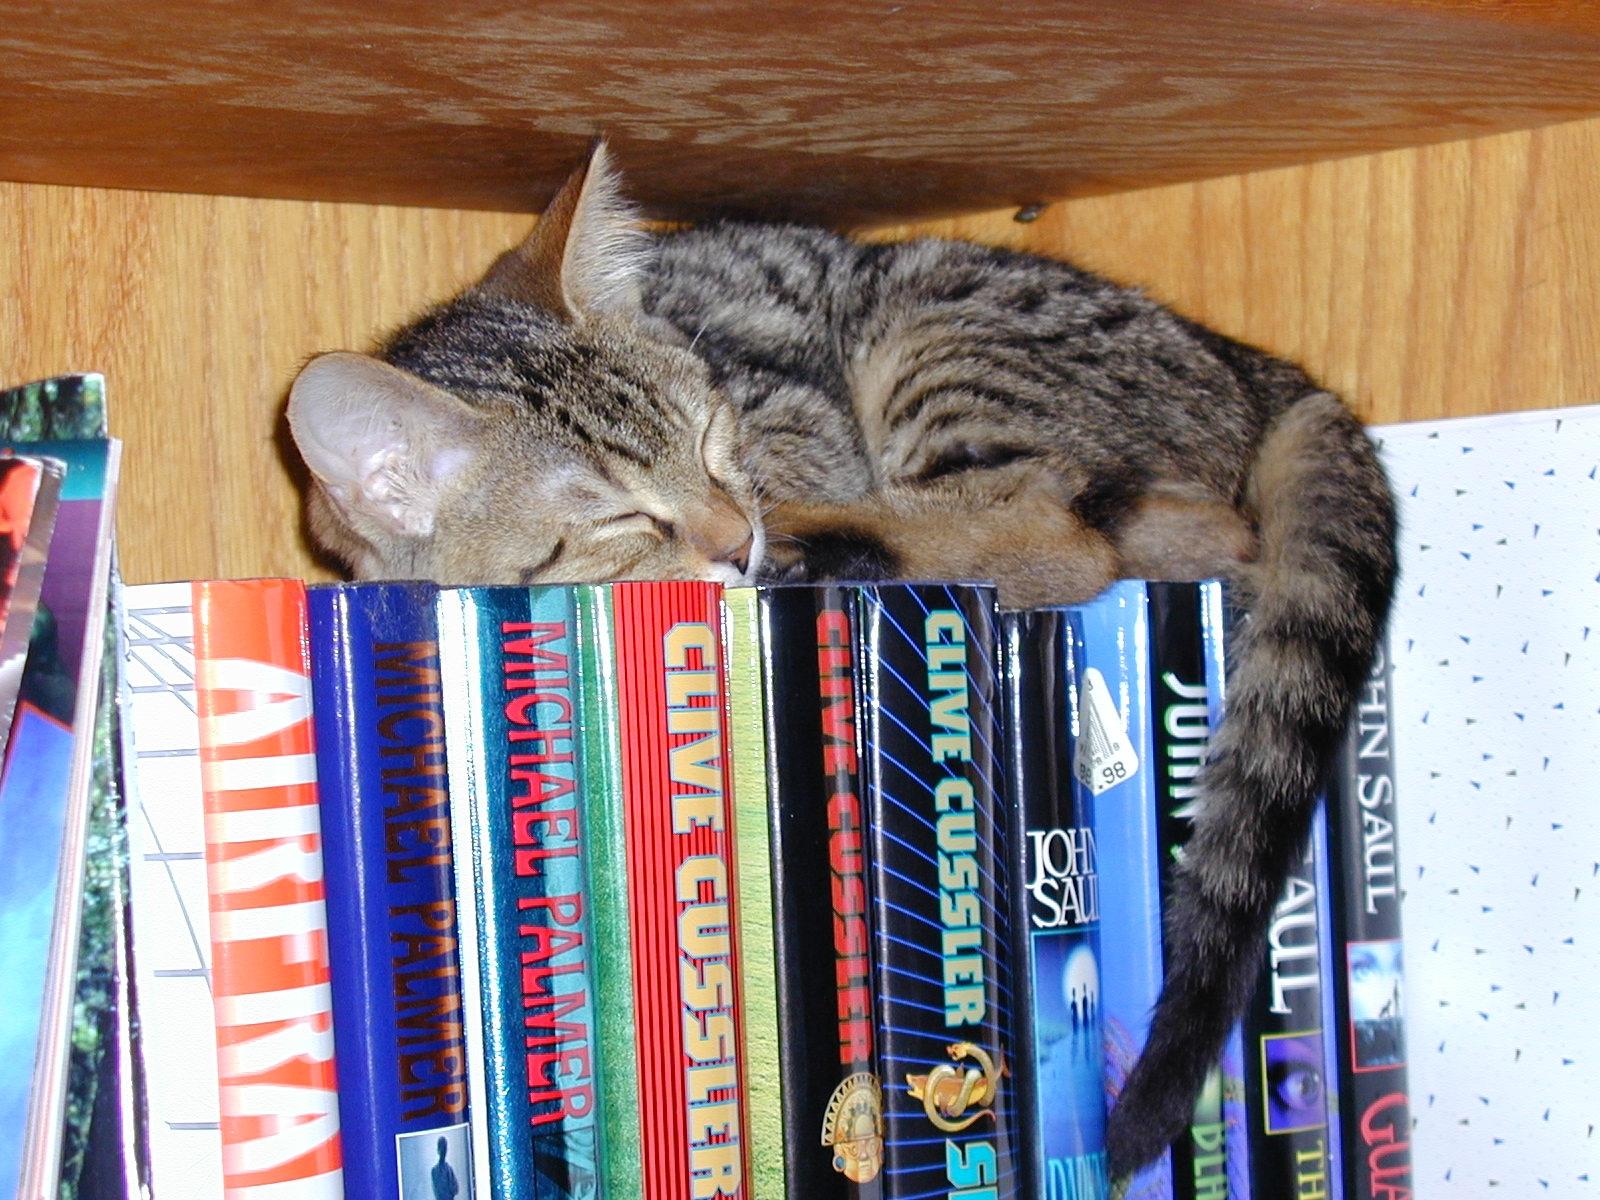 http://3.bp.blogspot.com/-9PaEnOWxGhM/TfTz0LtFM0I/AAAAAAAADT8/FsfhQy5u8Io/s1600/hd-cat-books-wallpaper.jpg